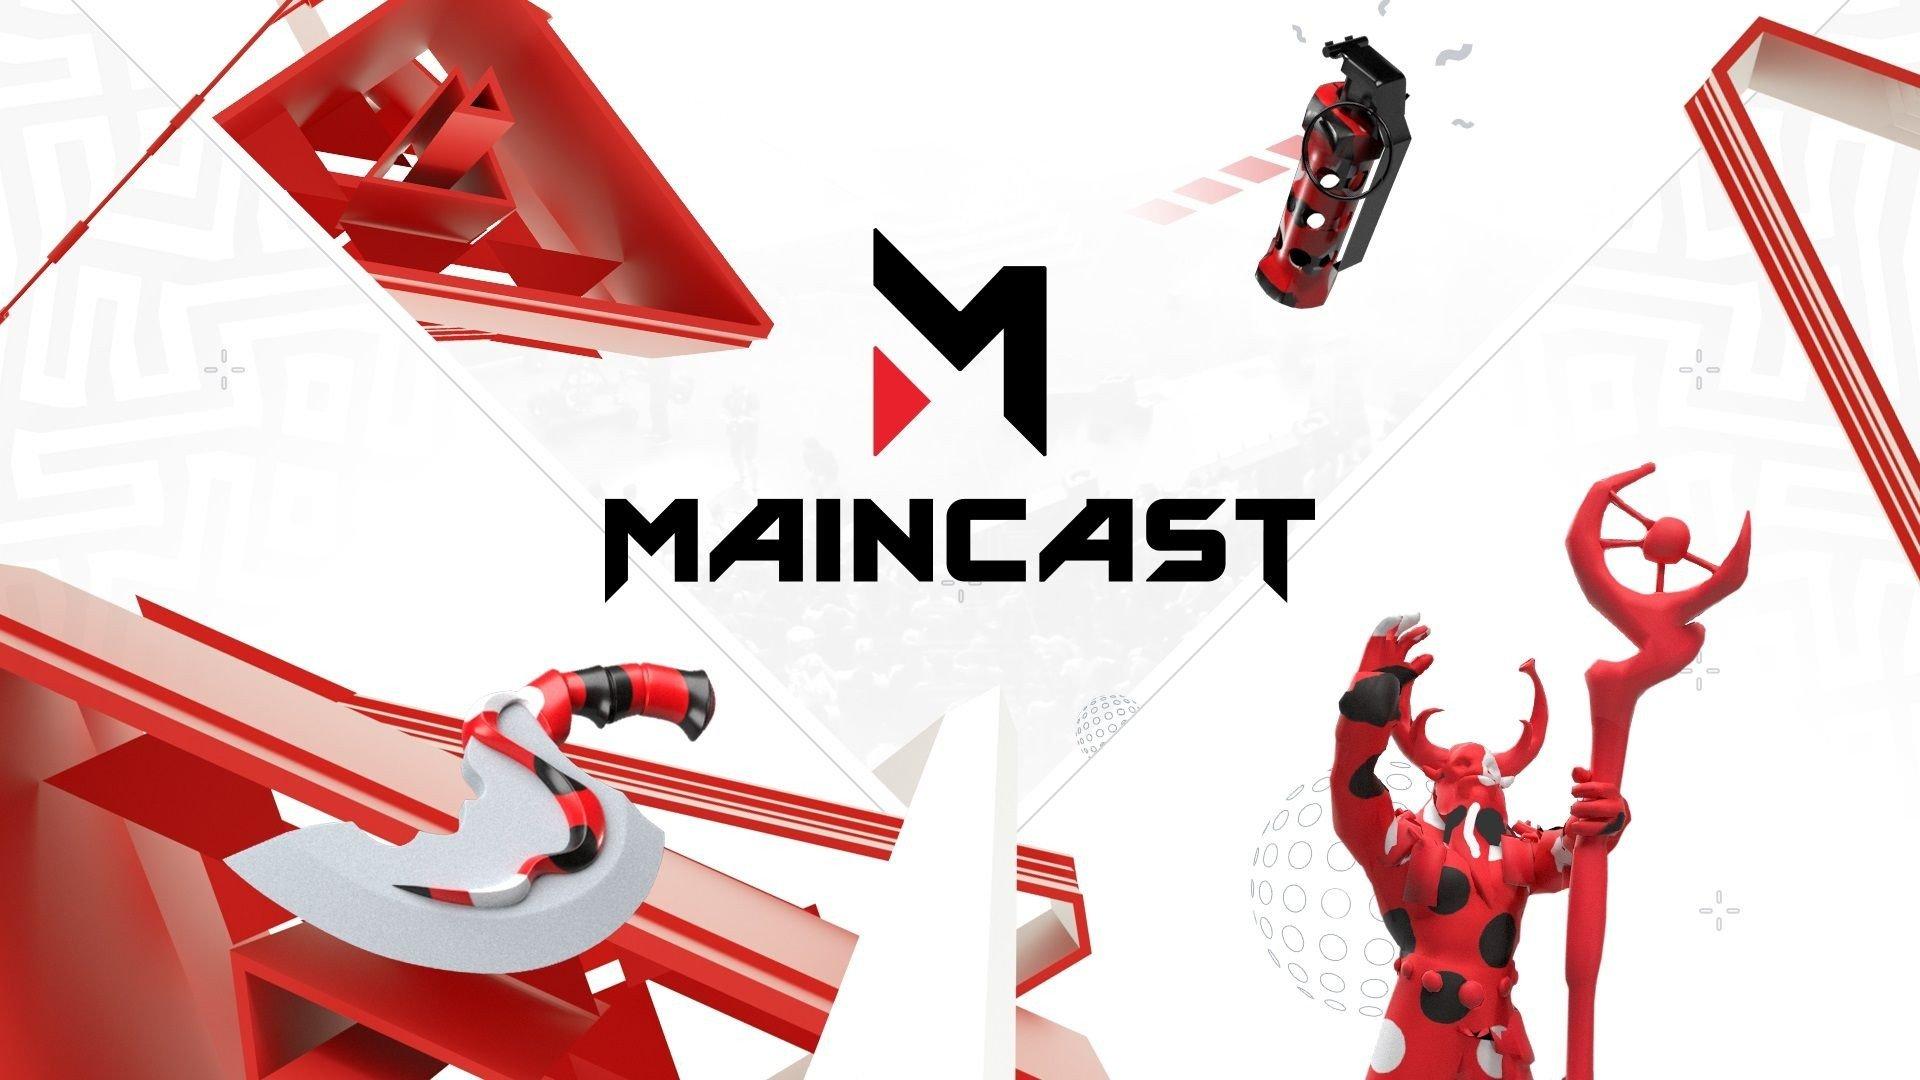 Maincast представил расписание игр DPC сезона до 1 февраля